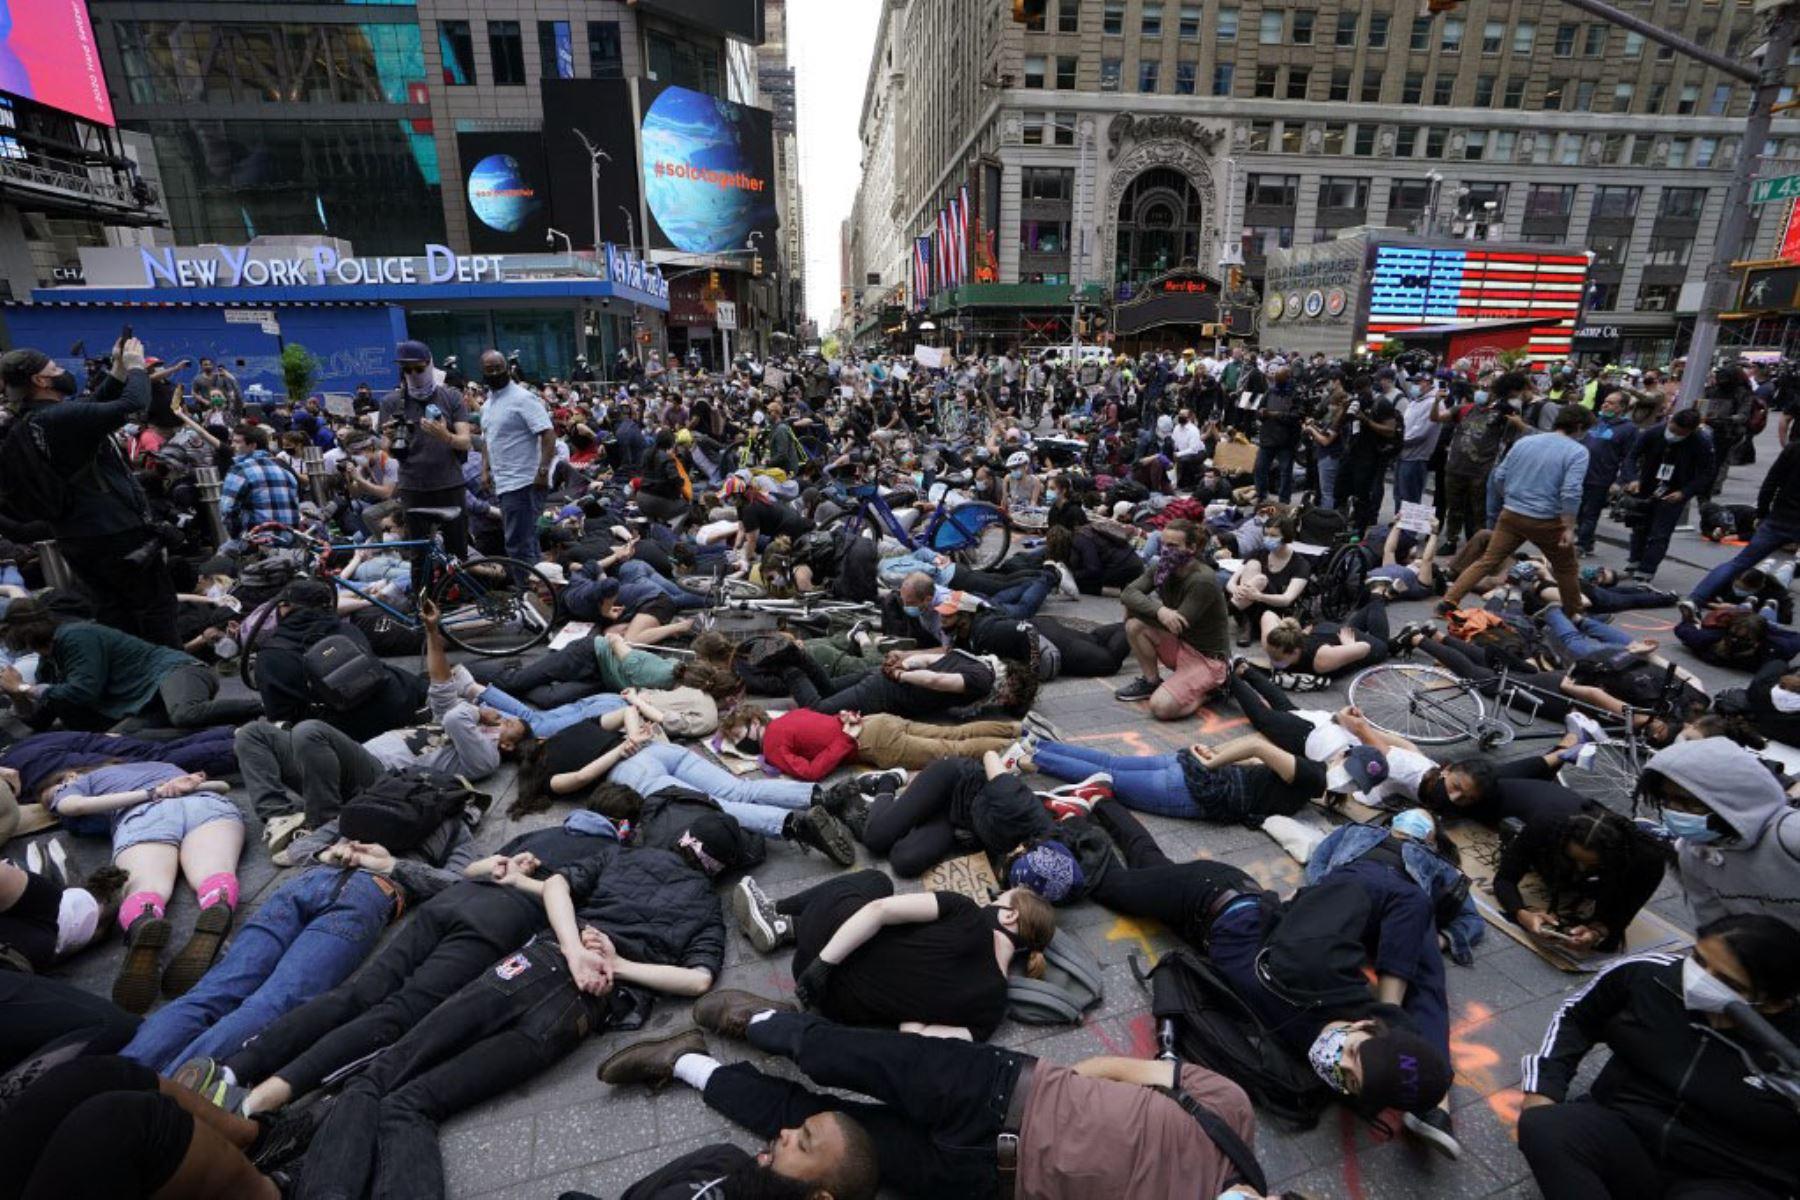 """Los manifestantes yacían en el suelo con las manos a la espalda en un llamado a la justicia para George Floyd en Times Square, durante una protesta de """"Black Lives Matter"""". Foto: AFP"""